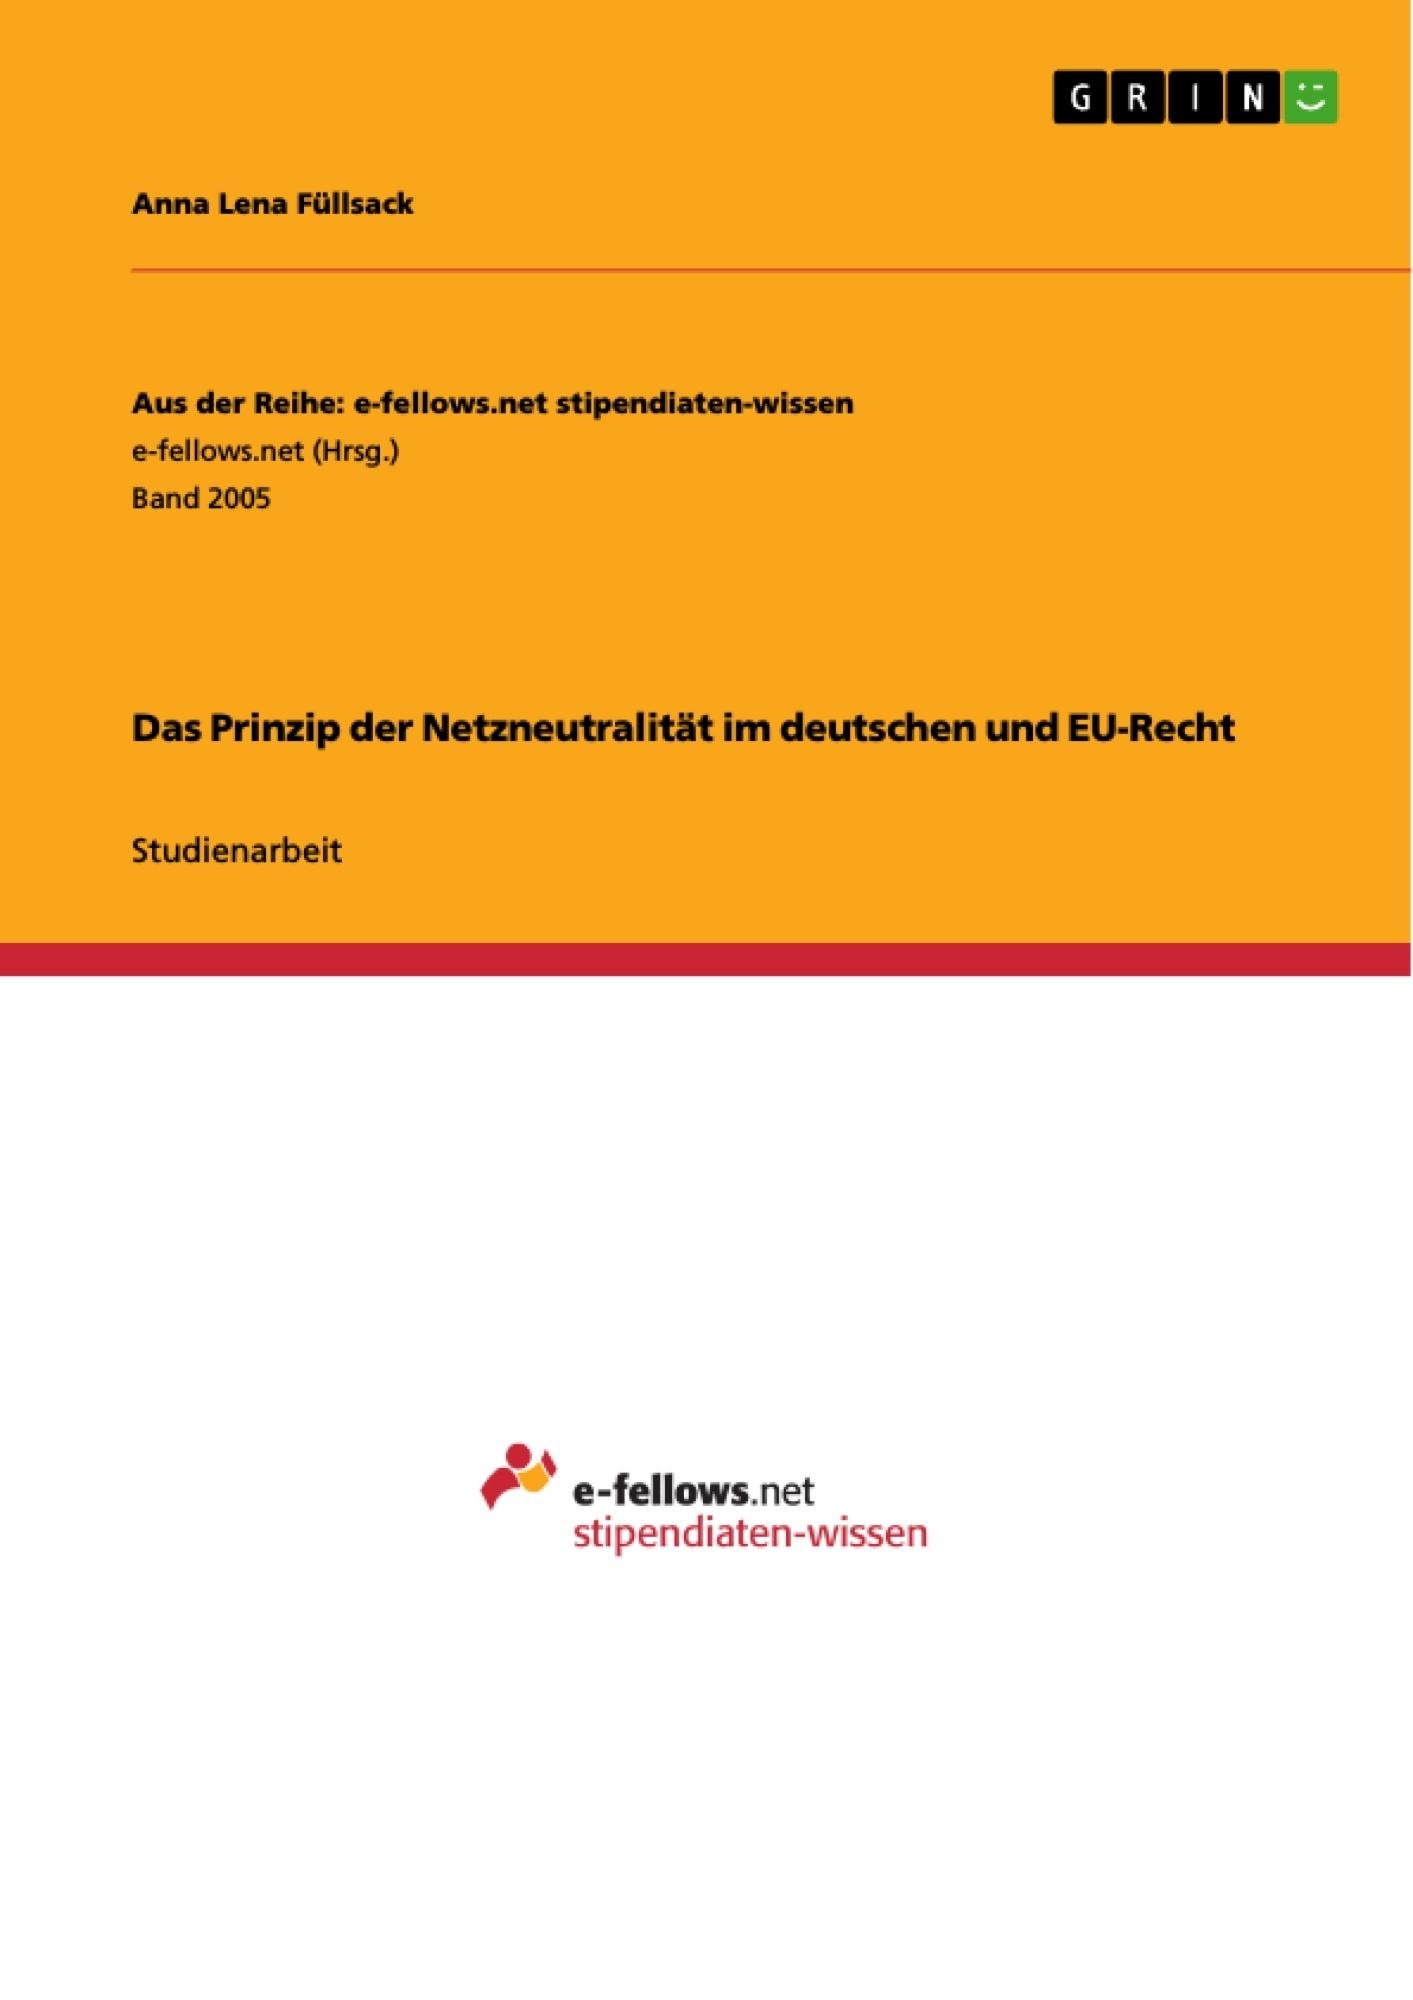 Titel: Das Prinzip der Netzneutralität im deutschen und EU-Recht